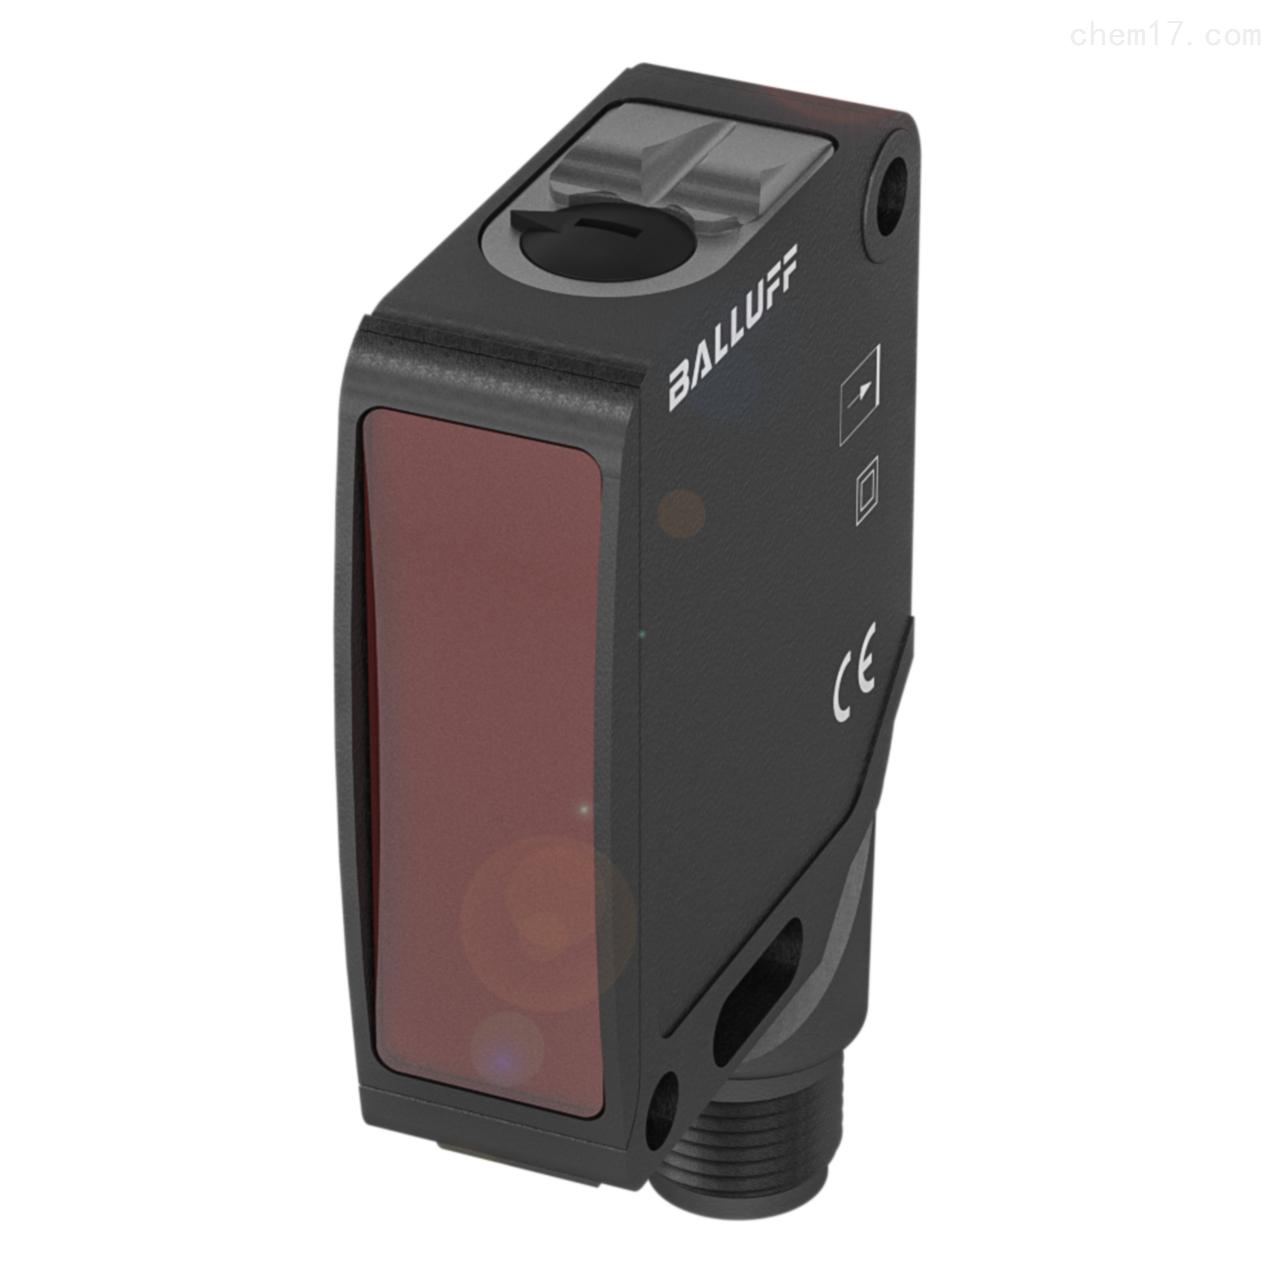 BALLUFF漫反射及对射型传感器